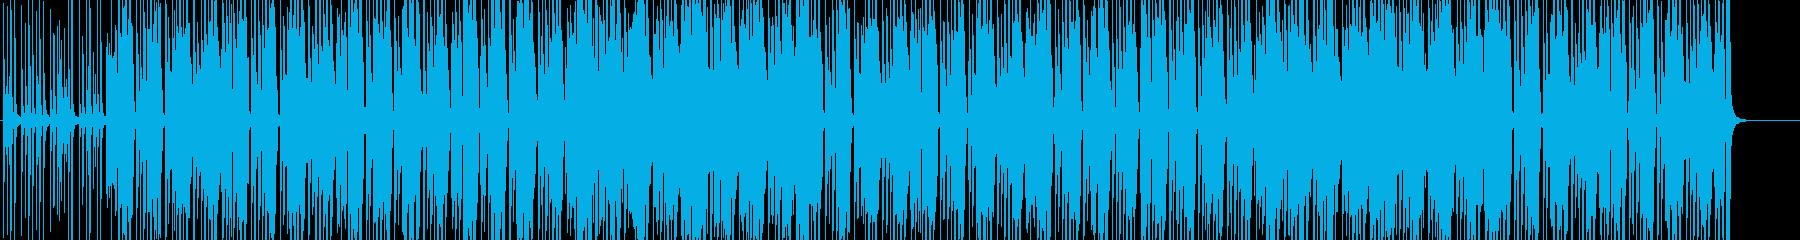 朗らかな休日を描いたいきいきポップスの再生済みの波形